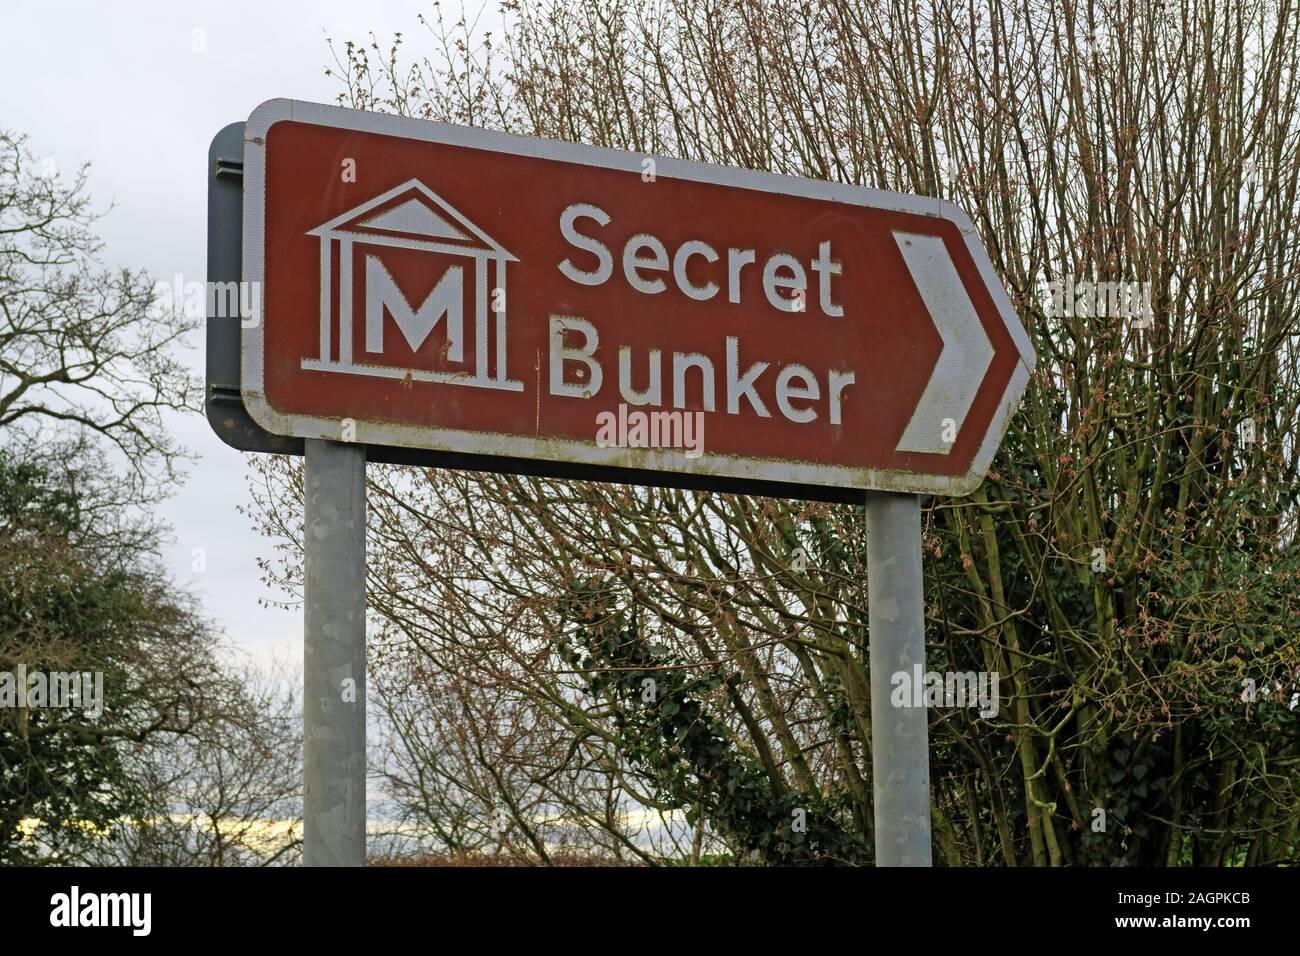 Dieses Stockfoto: Braun Atombunker Zeichen, Museum, Hack Grün, Französisch Ln, Crewe, Cheshire, England UK, CW 5 8 BL - ehemaliger Atombunker - 2AGPKC